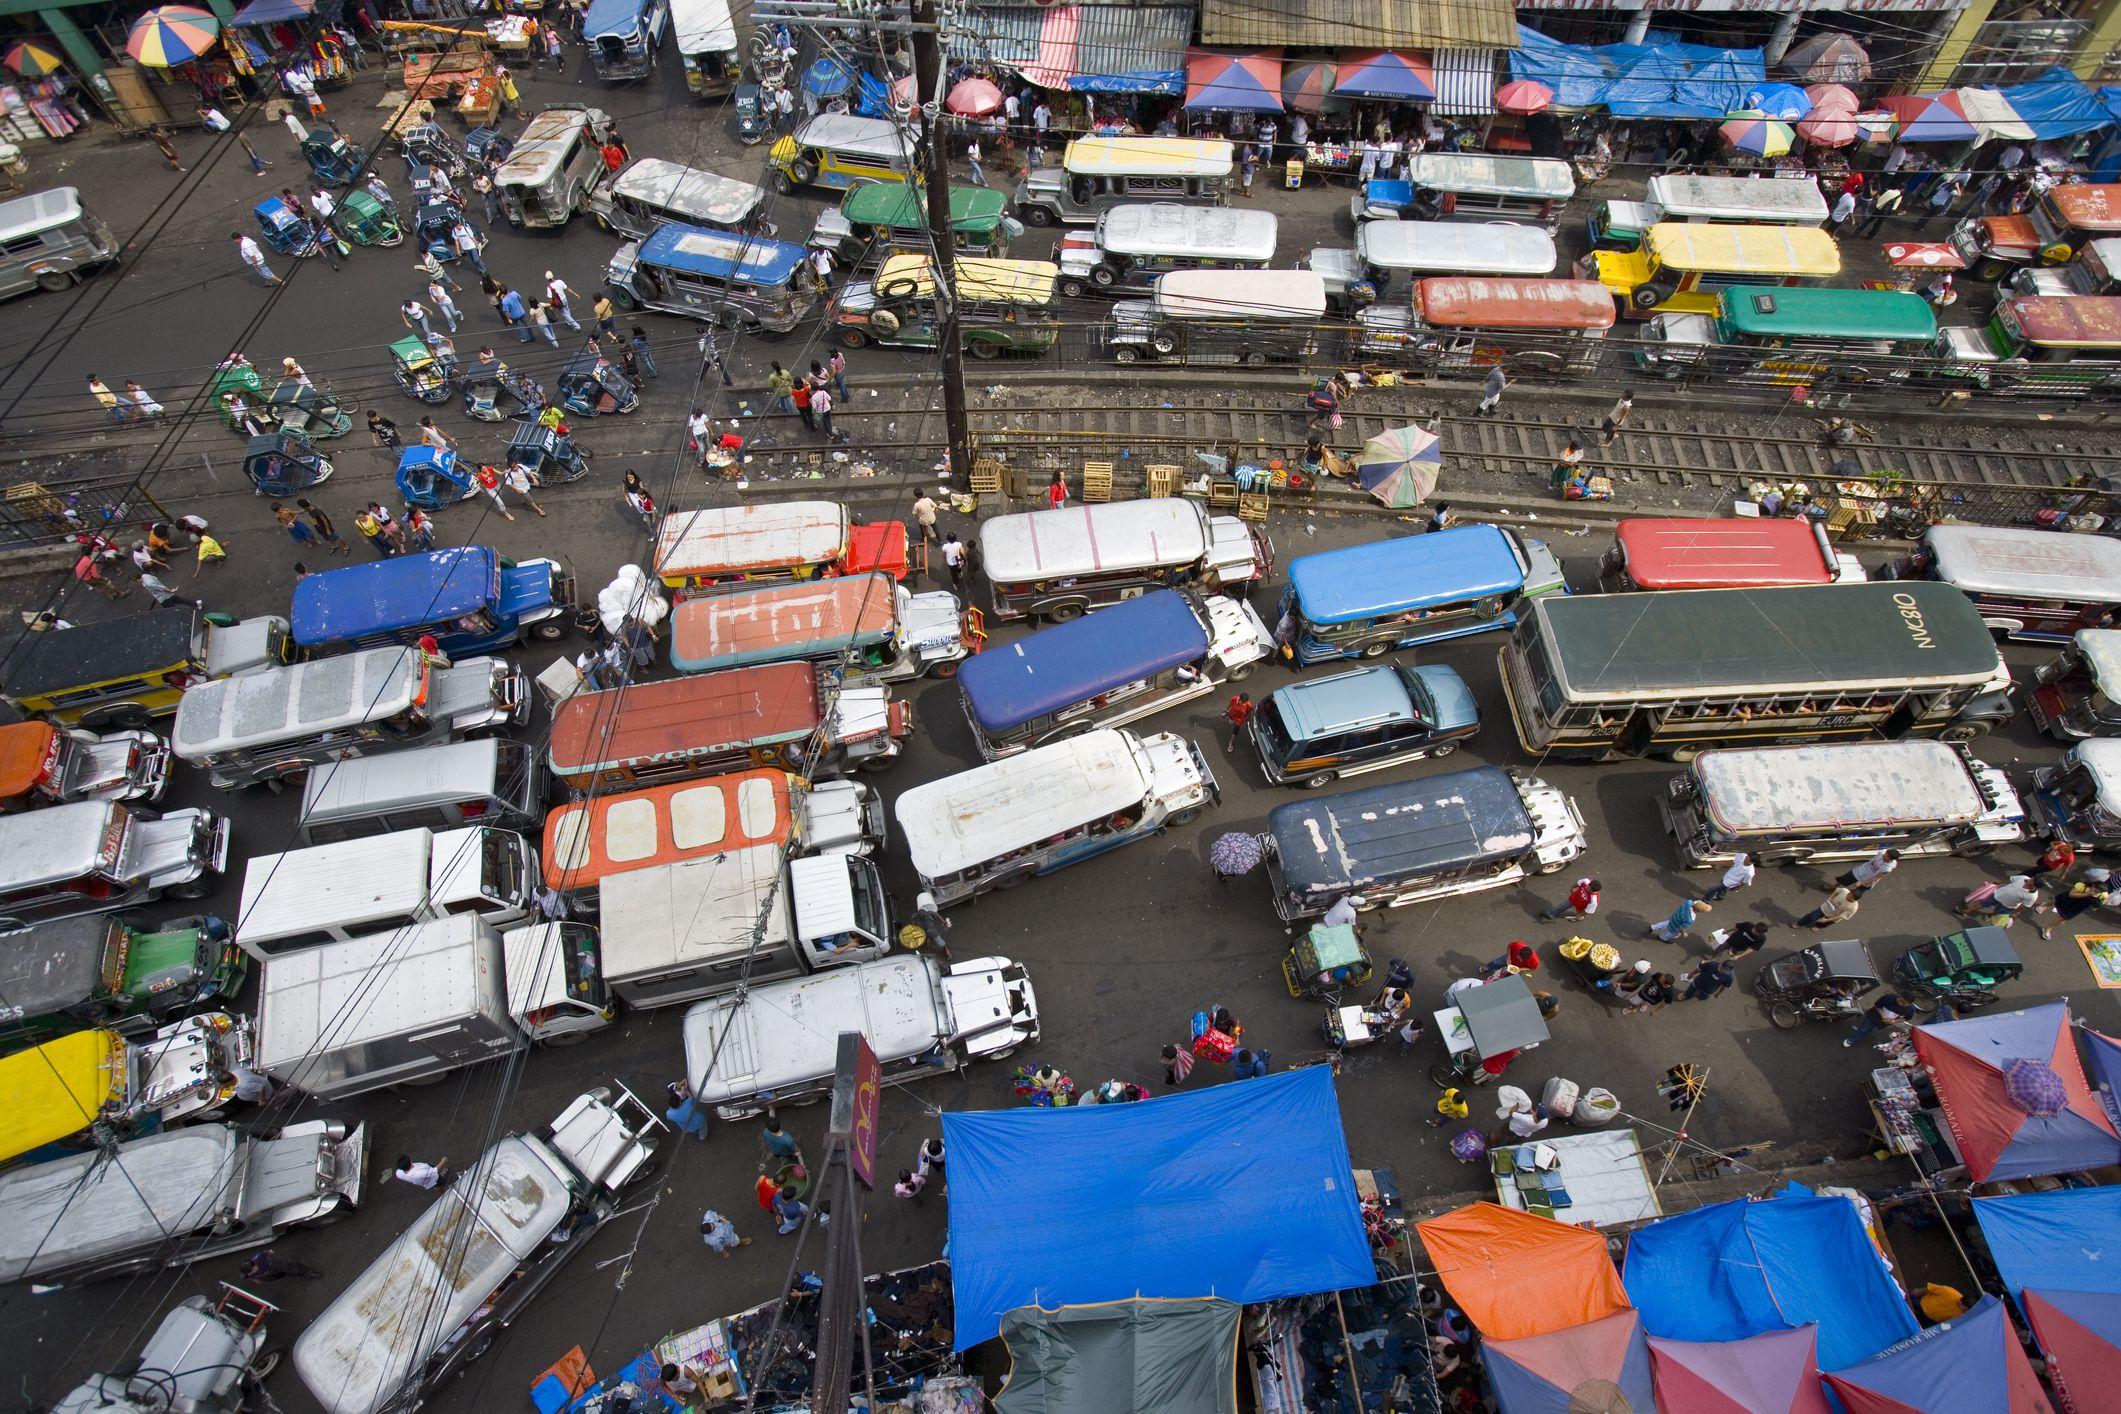 Sobrecarga de jeepneys que obstruye la carretera principal del Mercado Divisoria, Manila, Región de la Capital Nacional, Filipinas, Sudeste Asiático